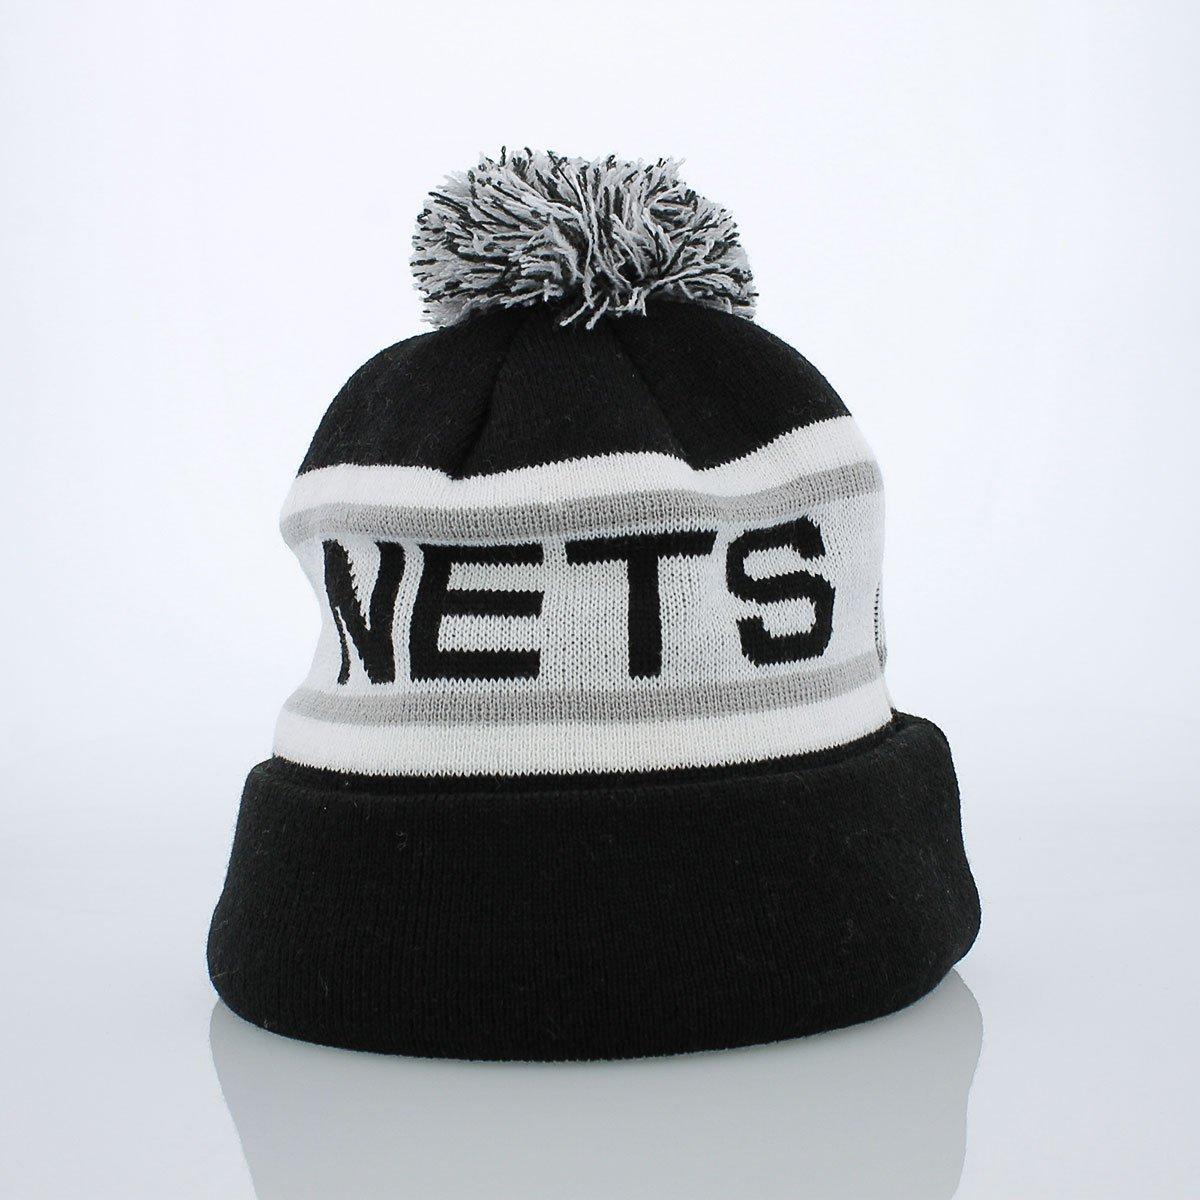 078a4b9b170f45 Amazon.com : Nba Brooklyn Nets Biggest Fan Redux Beanie : Sports & Outdoors